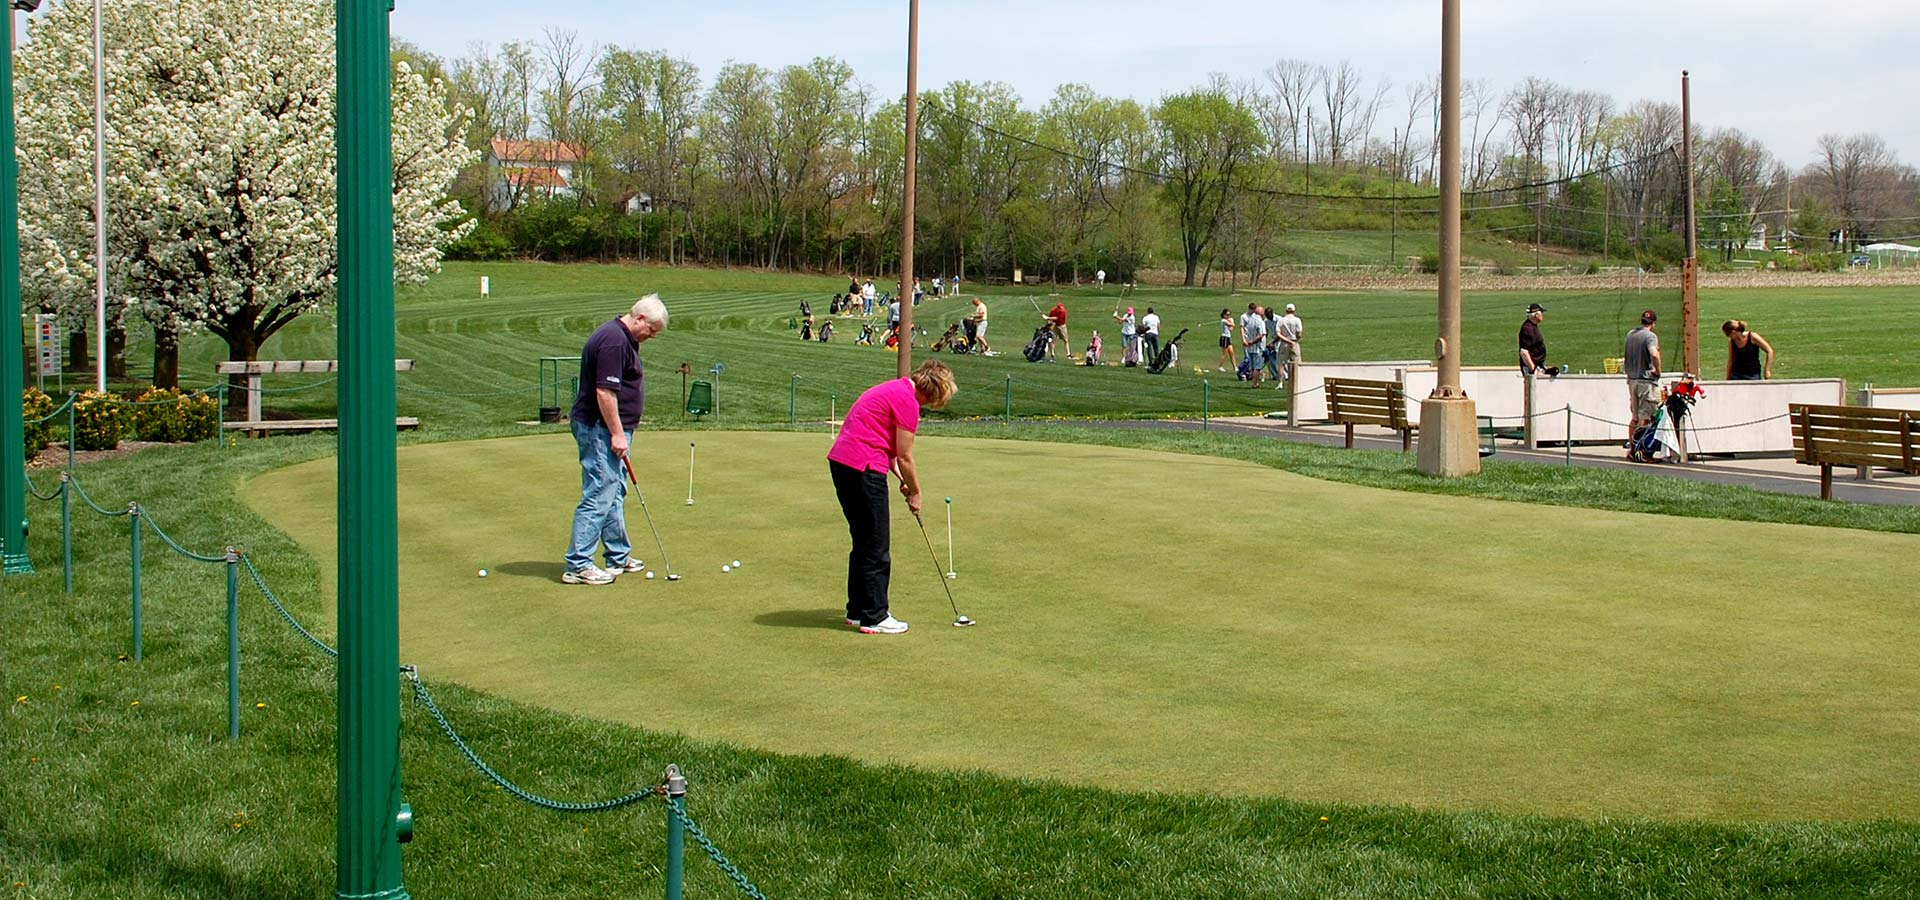 Golf Lessons & Pro Shop